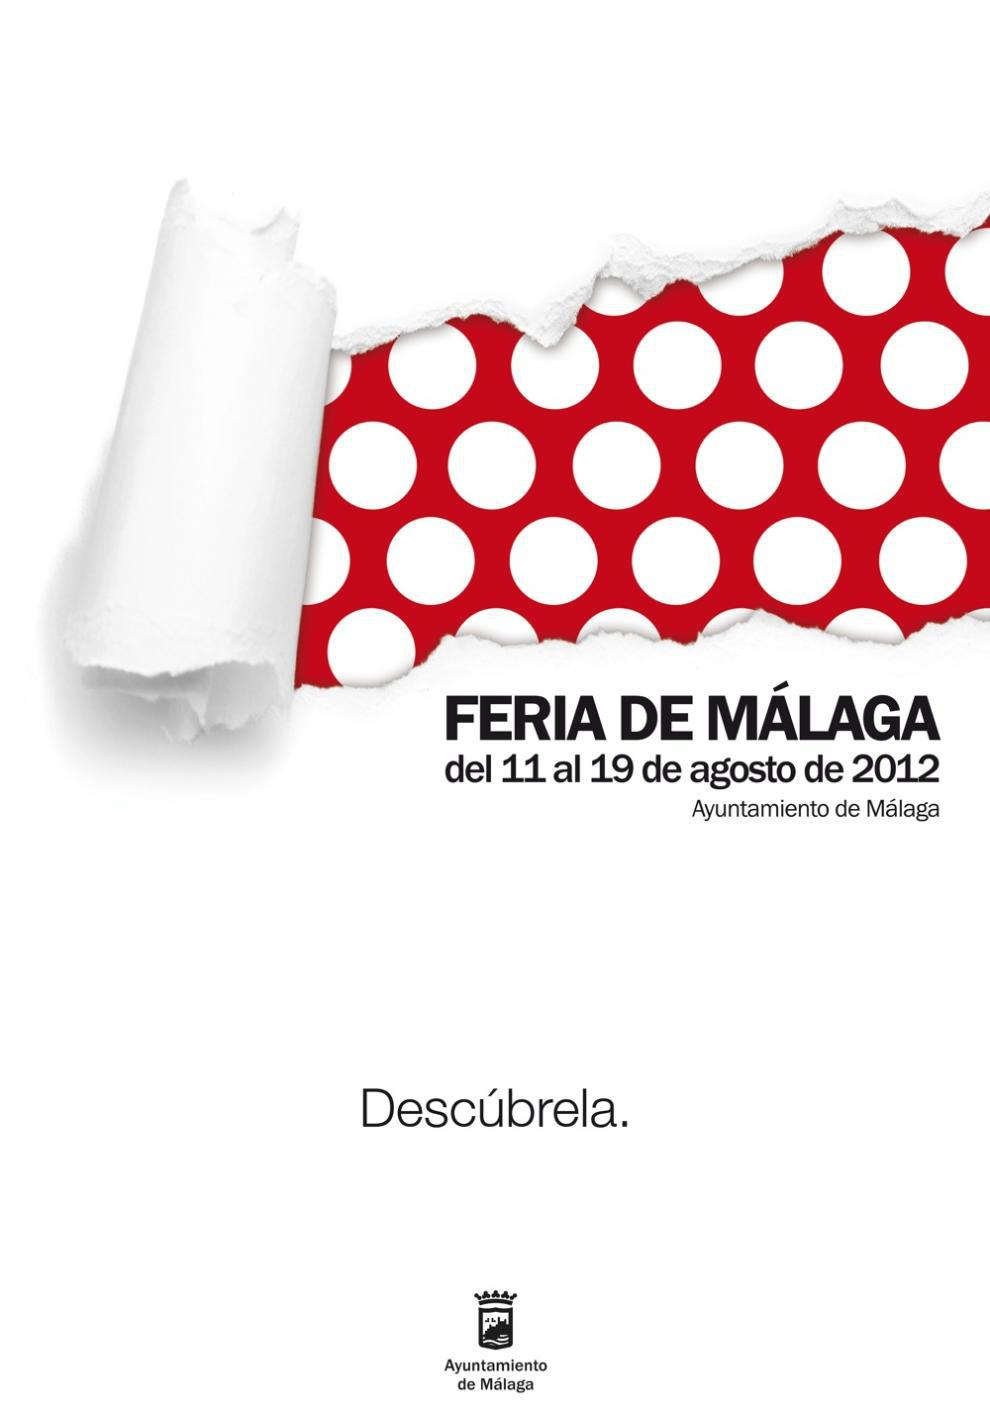 Feria de Málaga 2012: Minimalismo en estado puro